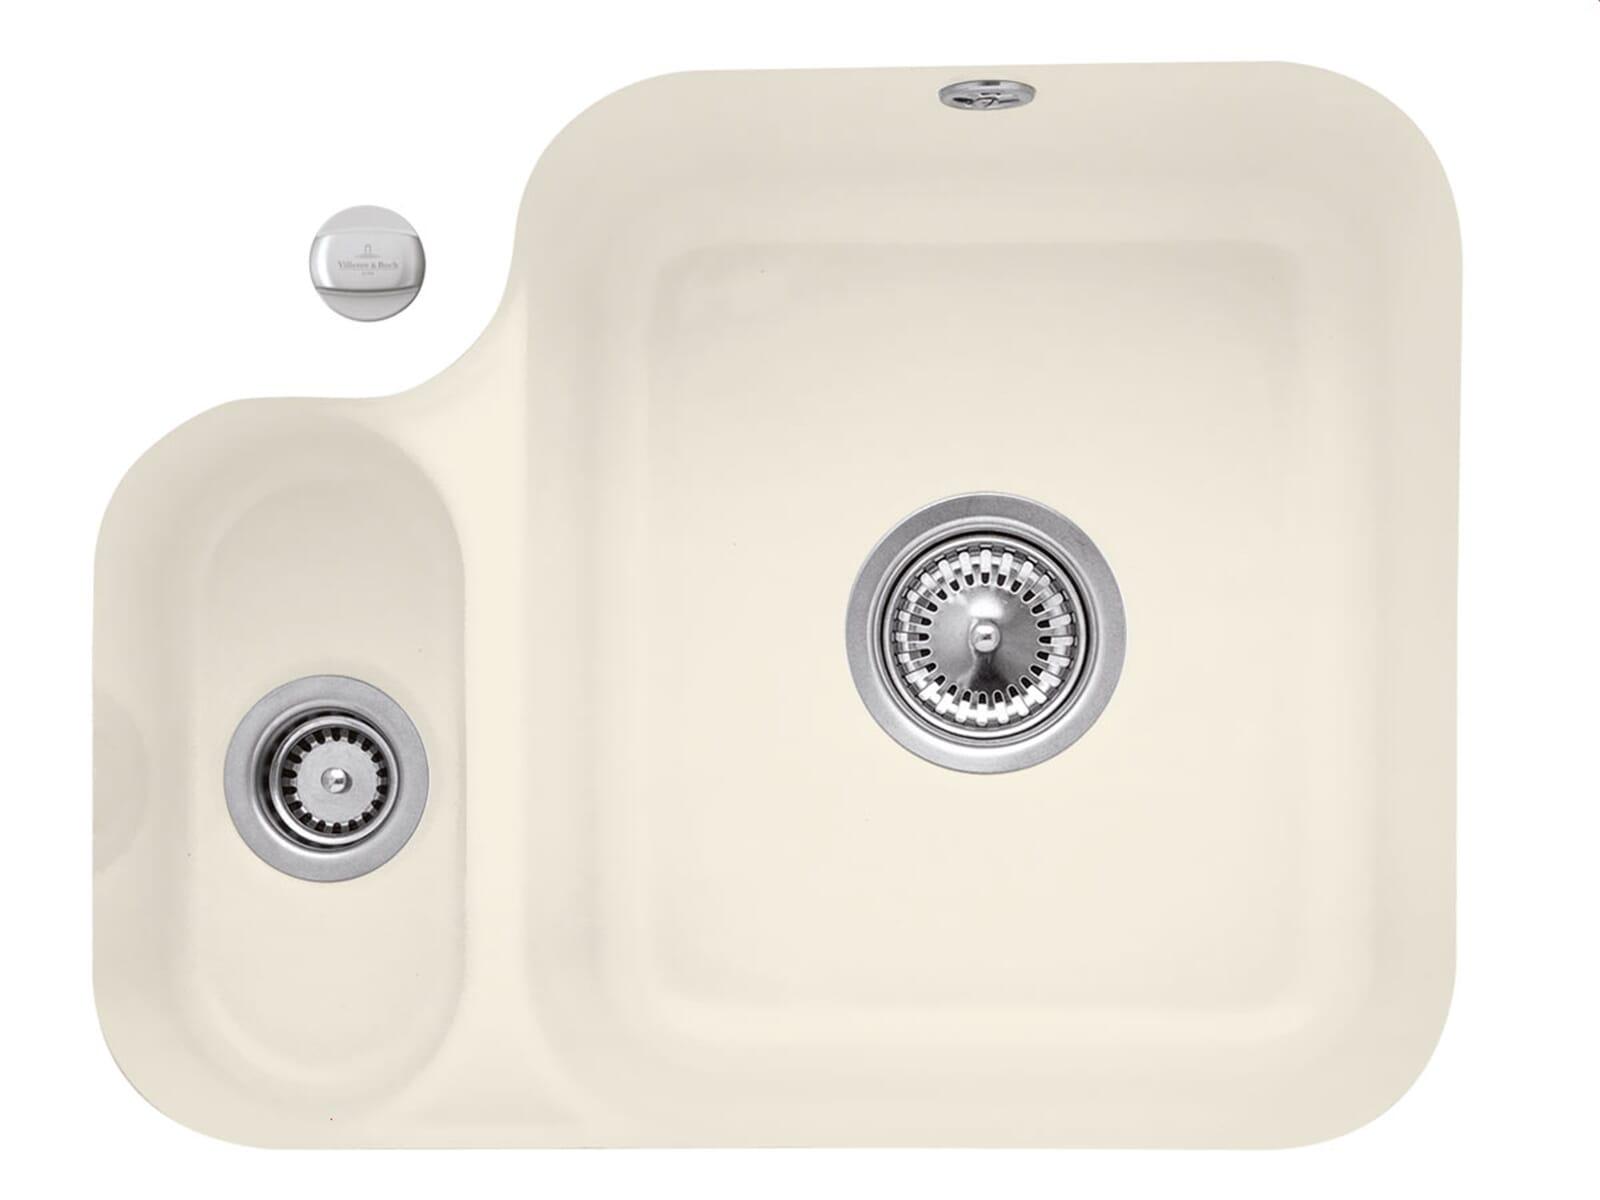 Villeroy & Boch Cisterna 60B Ivory - 6702 02 FU Keramikspüle Exzenterbetätigung